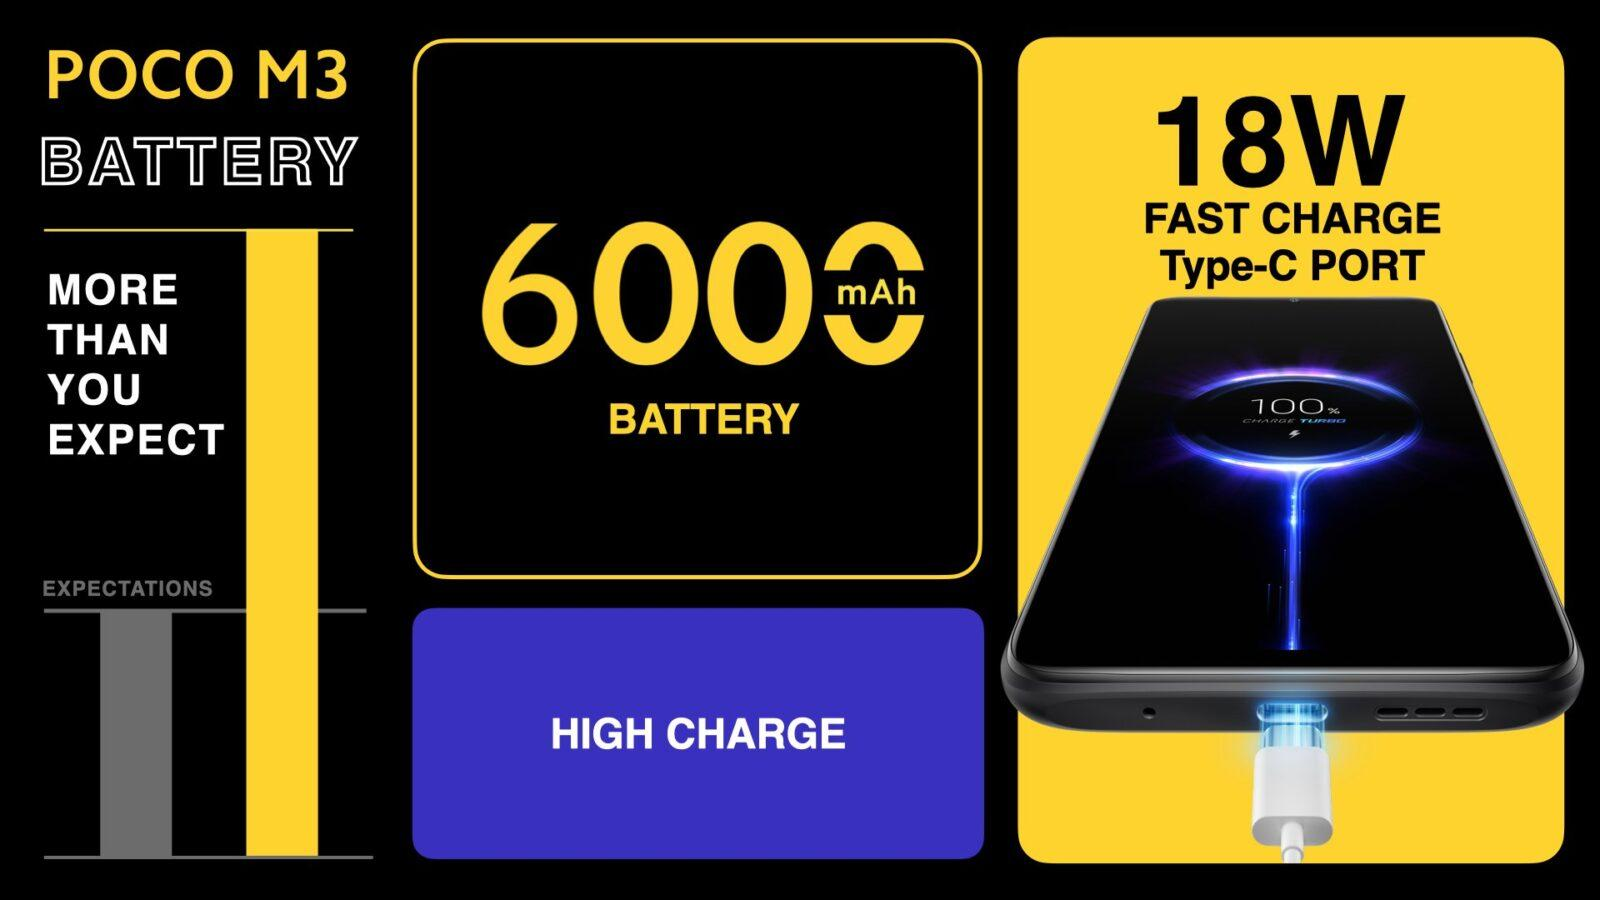 Представлен смартфон POCO M3: обновлённый дизайн, высокая автономность и низкая цена (EngkmywVgAA47PO)